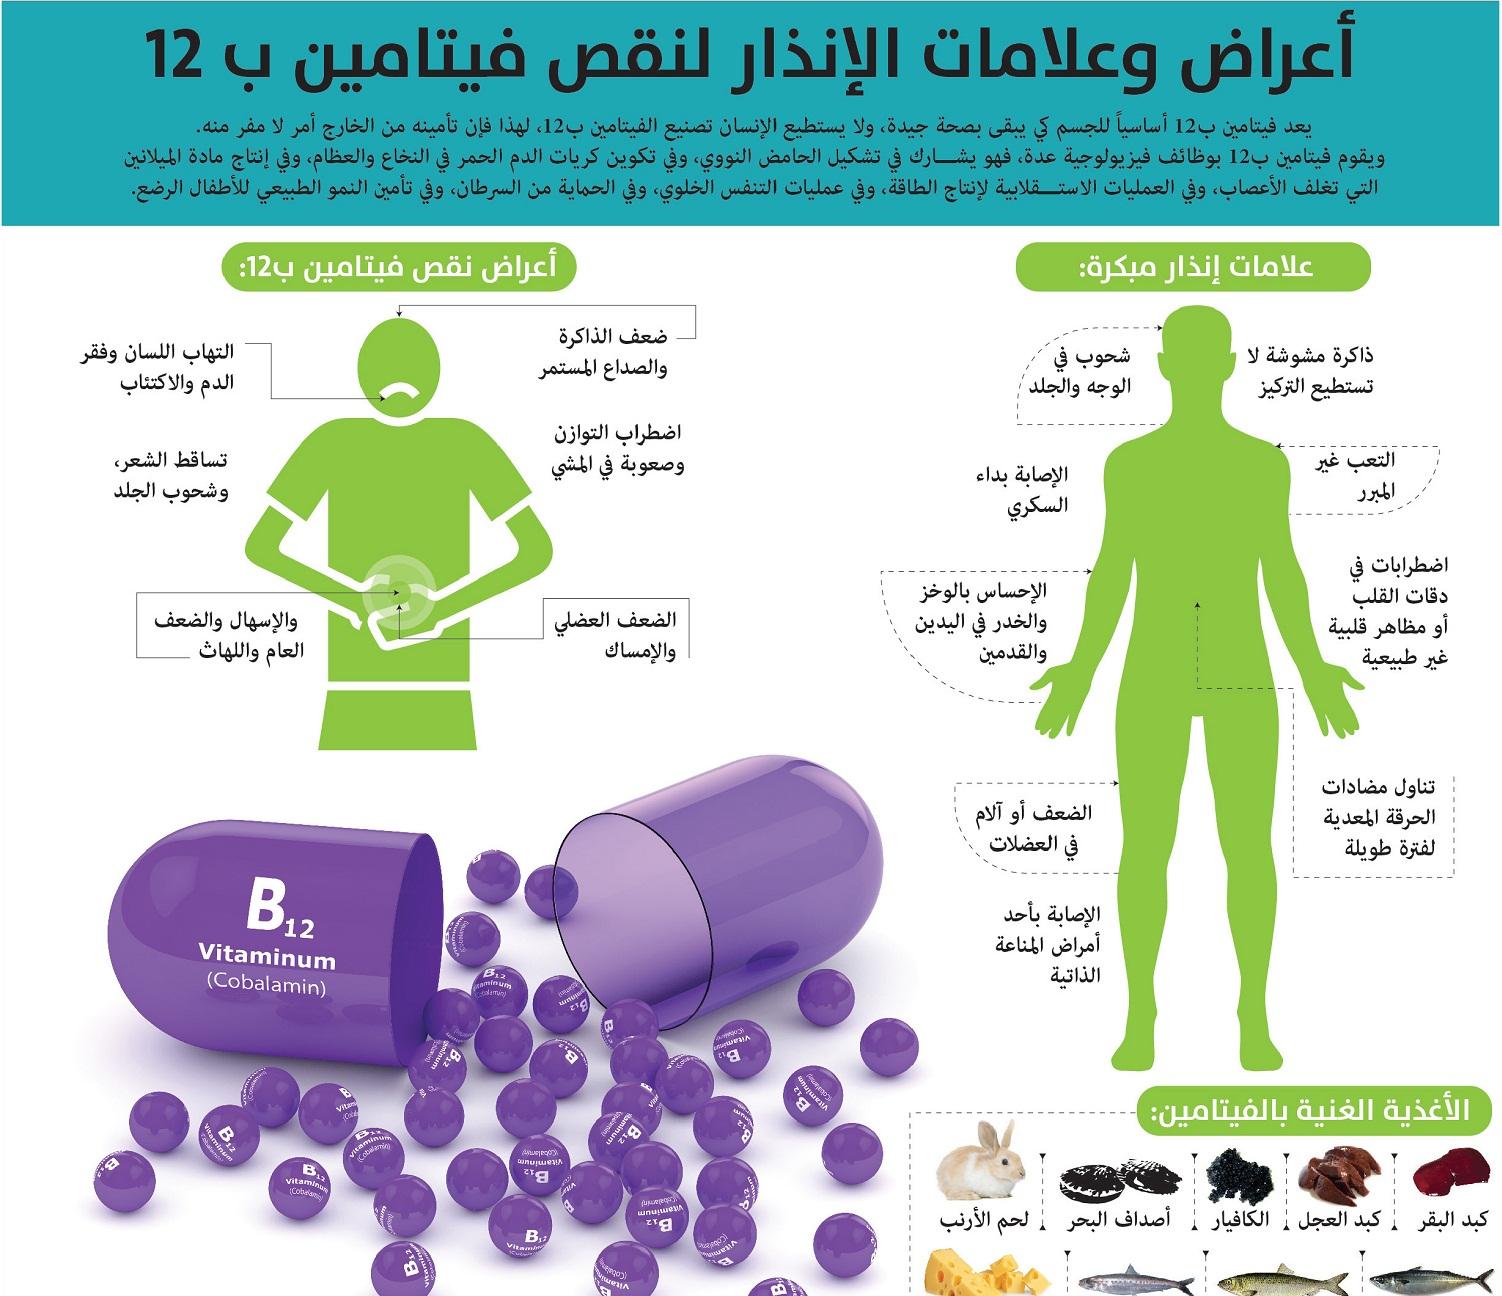 ما هي اعراض نقص فيتامين ب والمصادر الطبيعية الغنية به